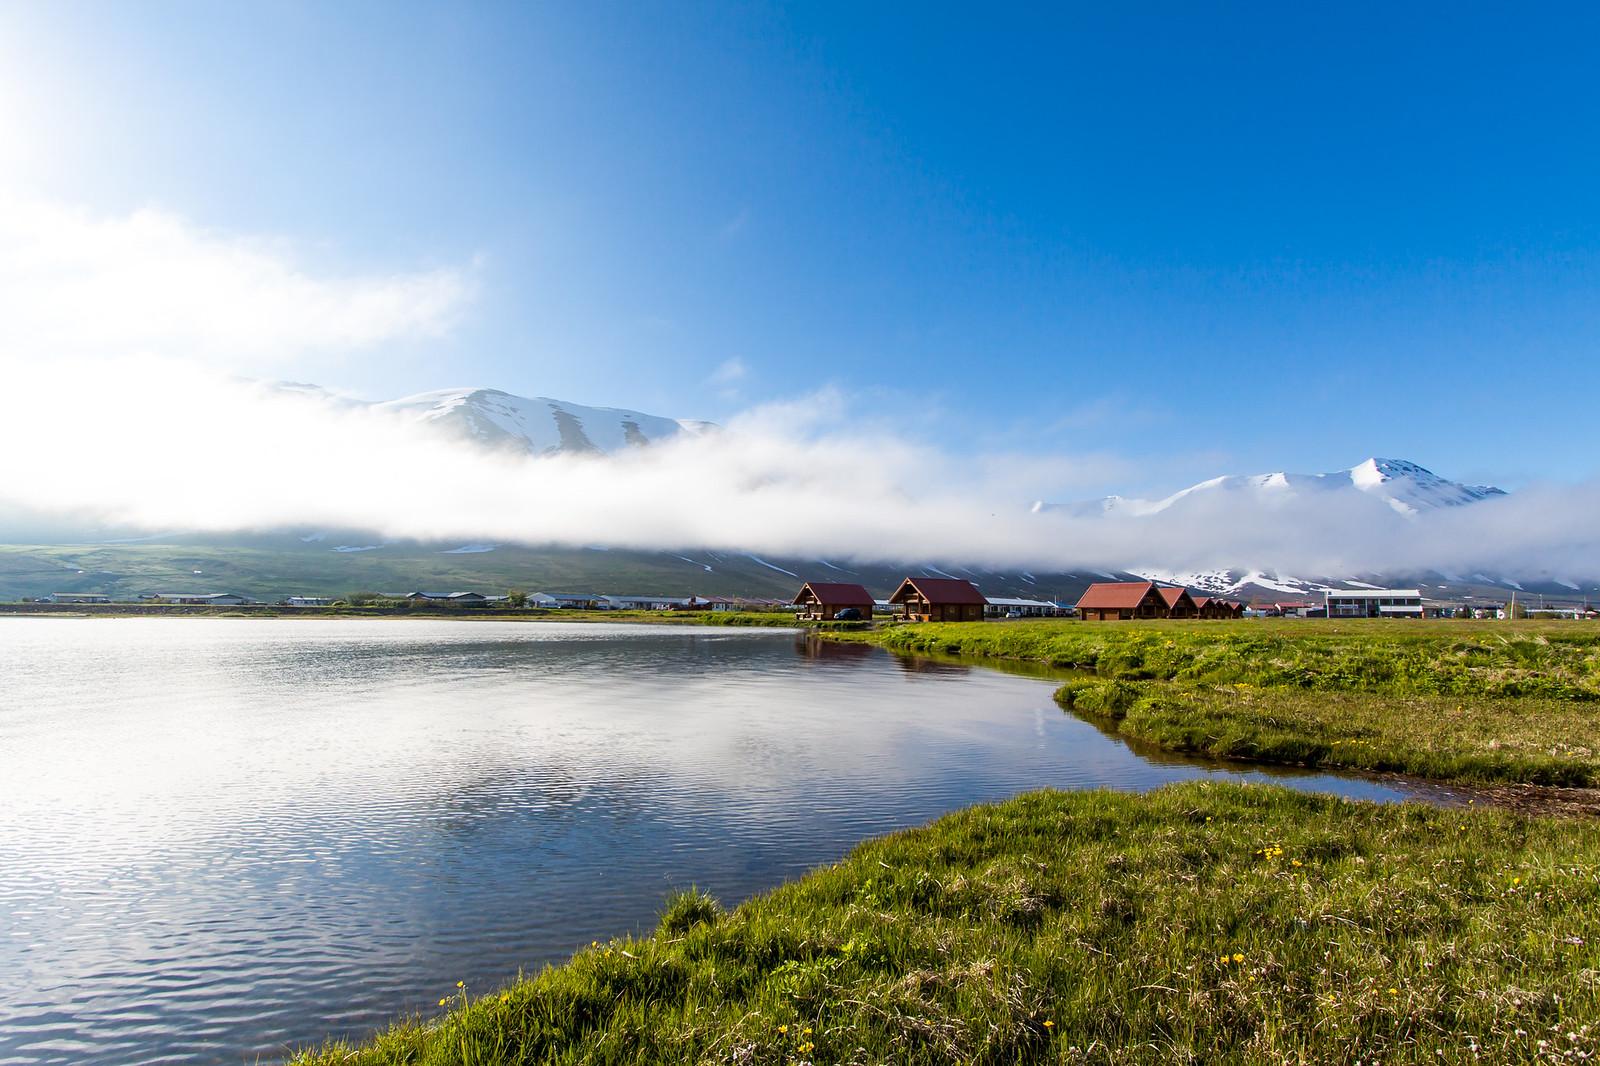 Ólafsfjörður and Ólafsfjarðarvatn